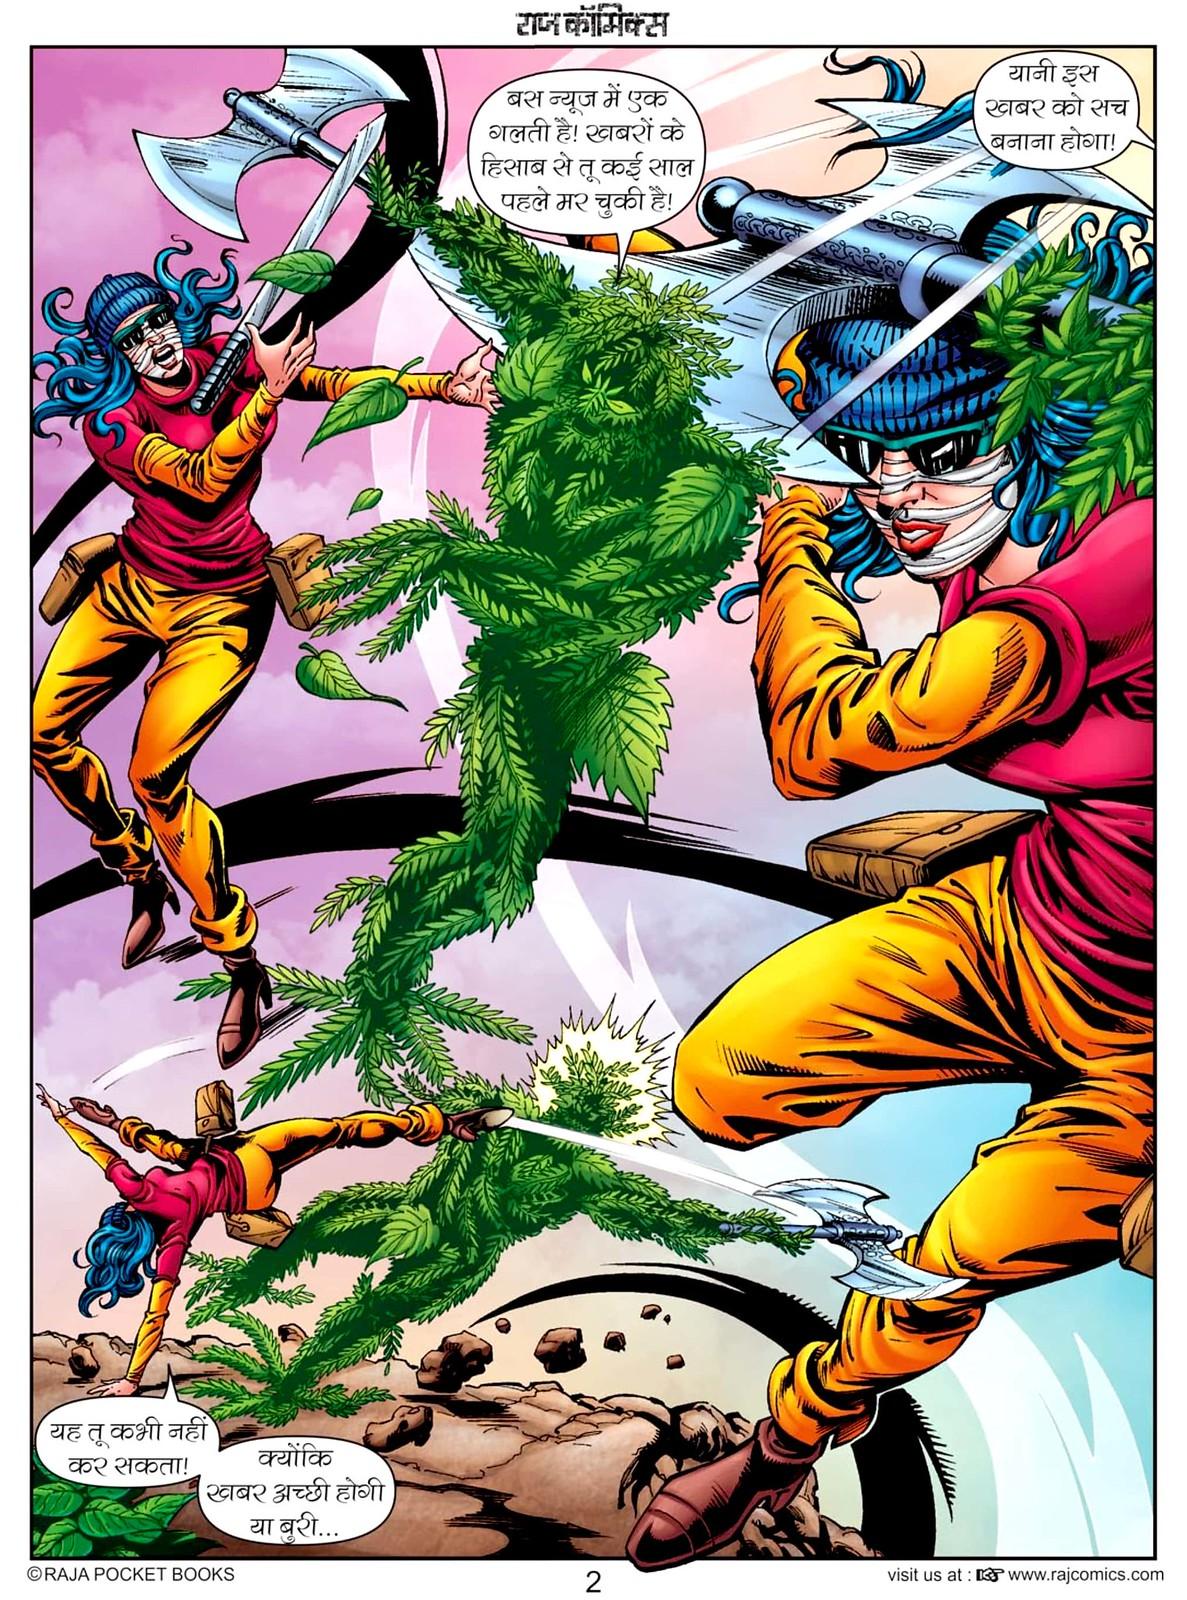 Raj Comics